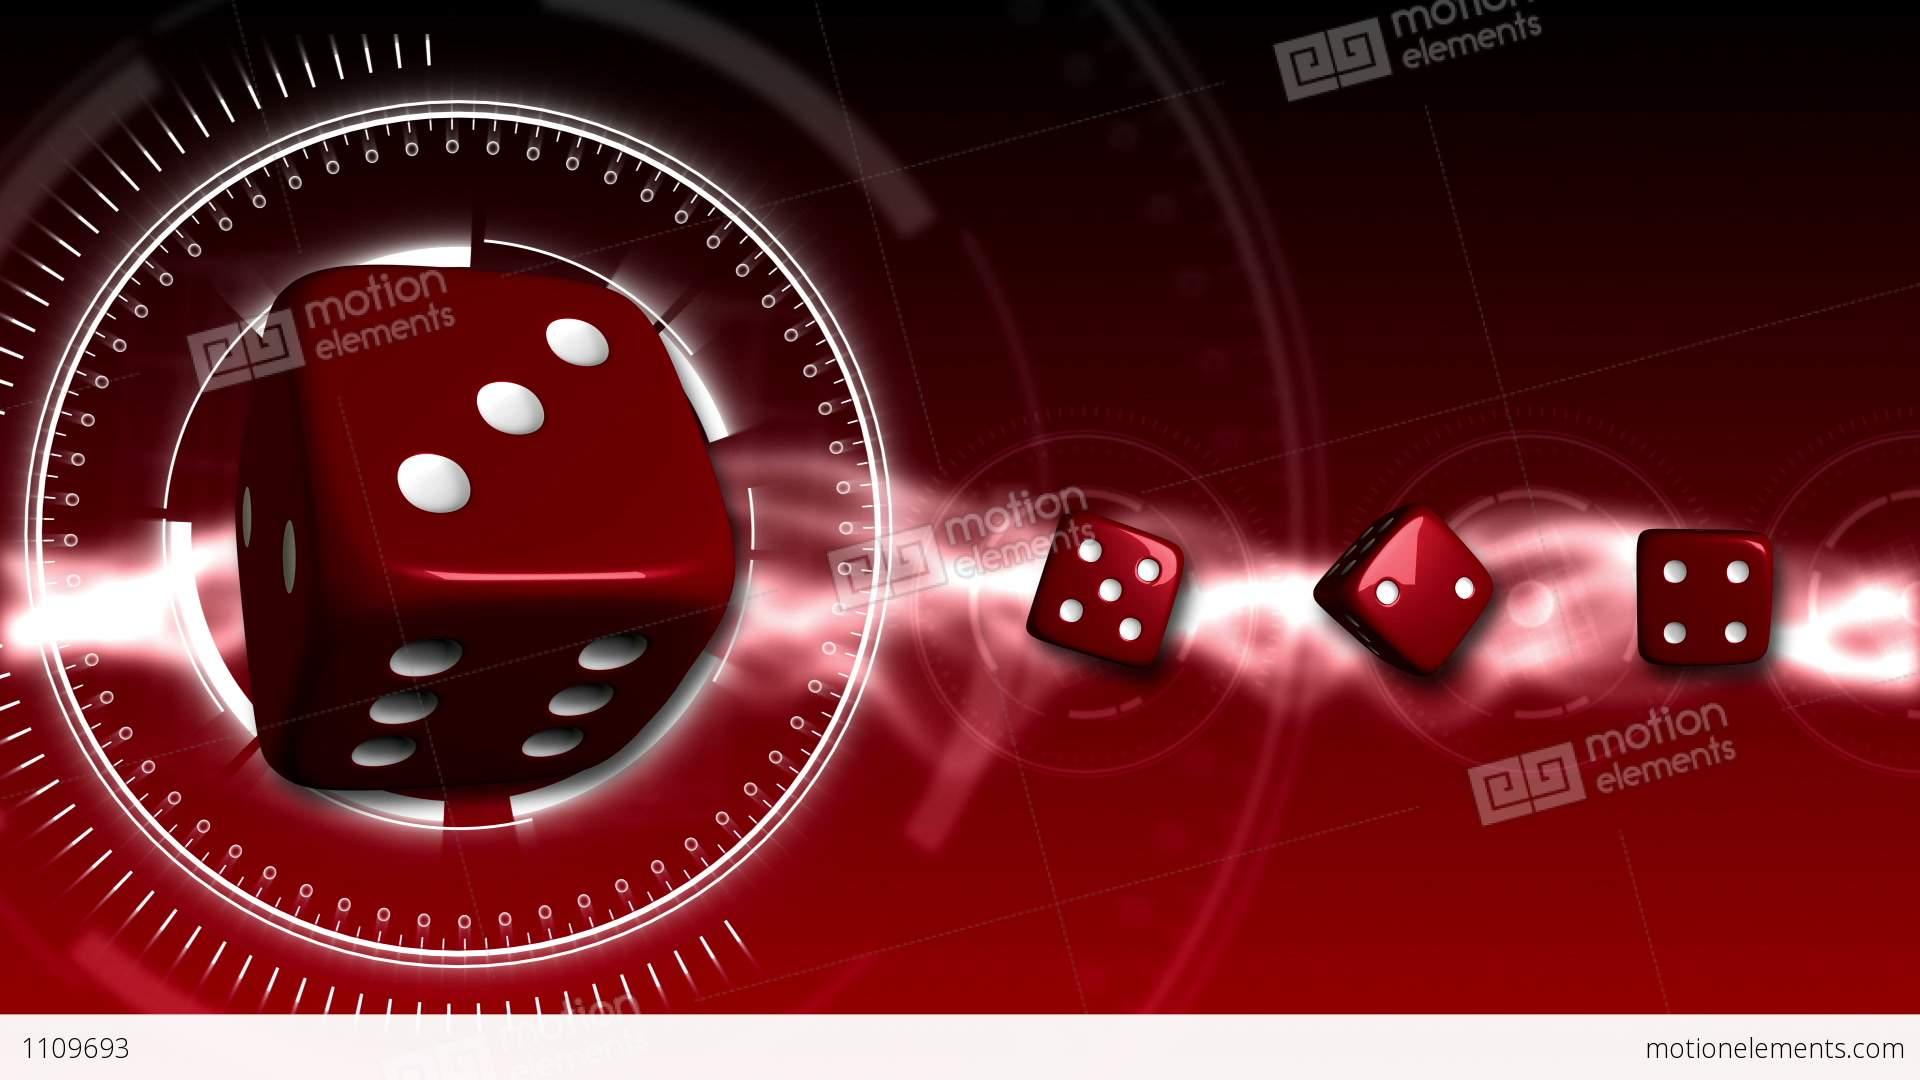 Casino dice background casino 17 hd stock animation for Asino amiatino